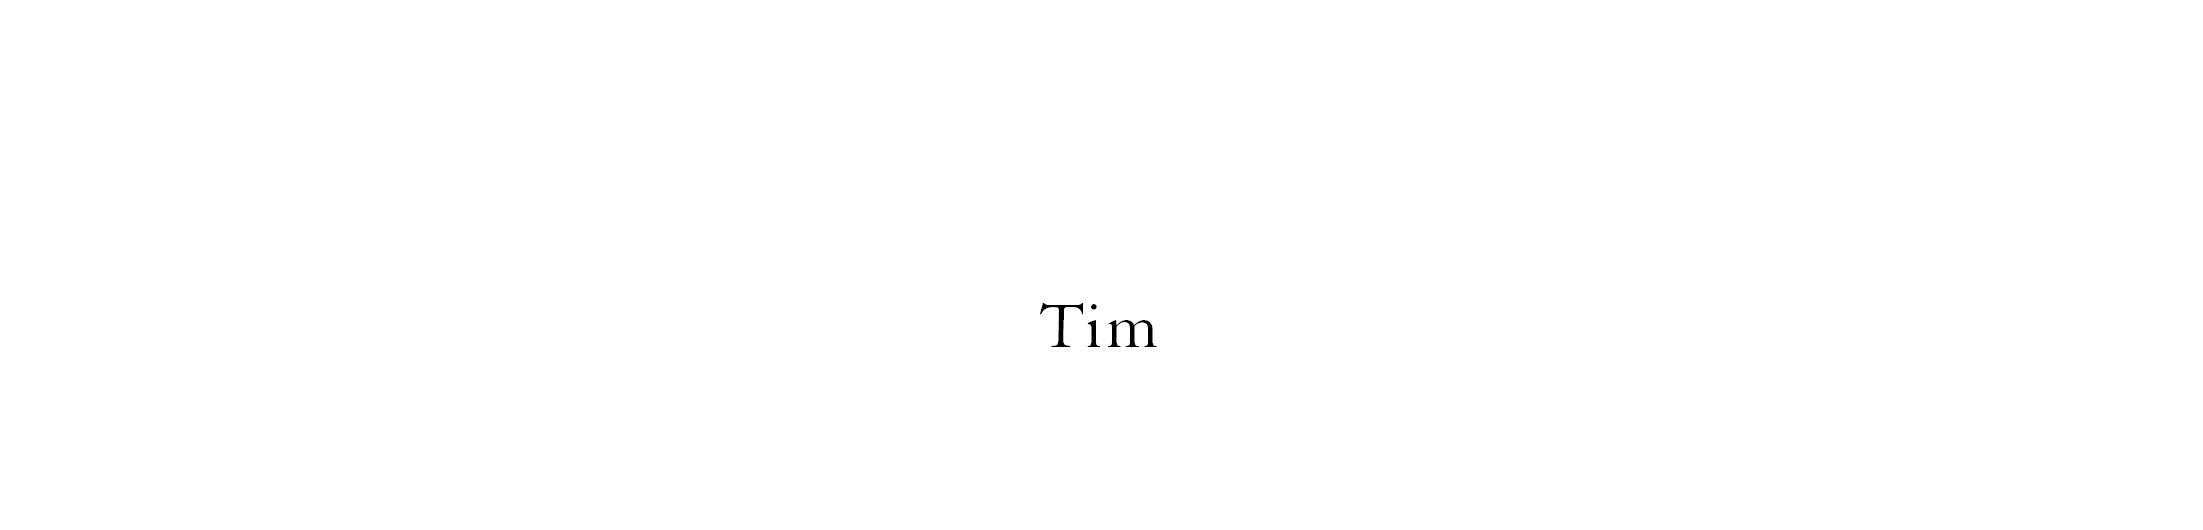 Appendix_Book_3_43a.jpg